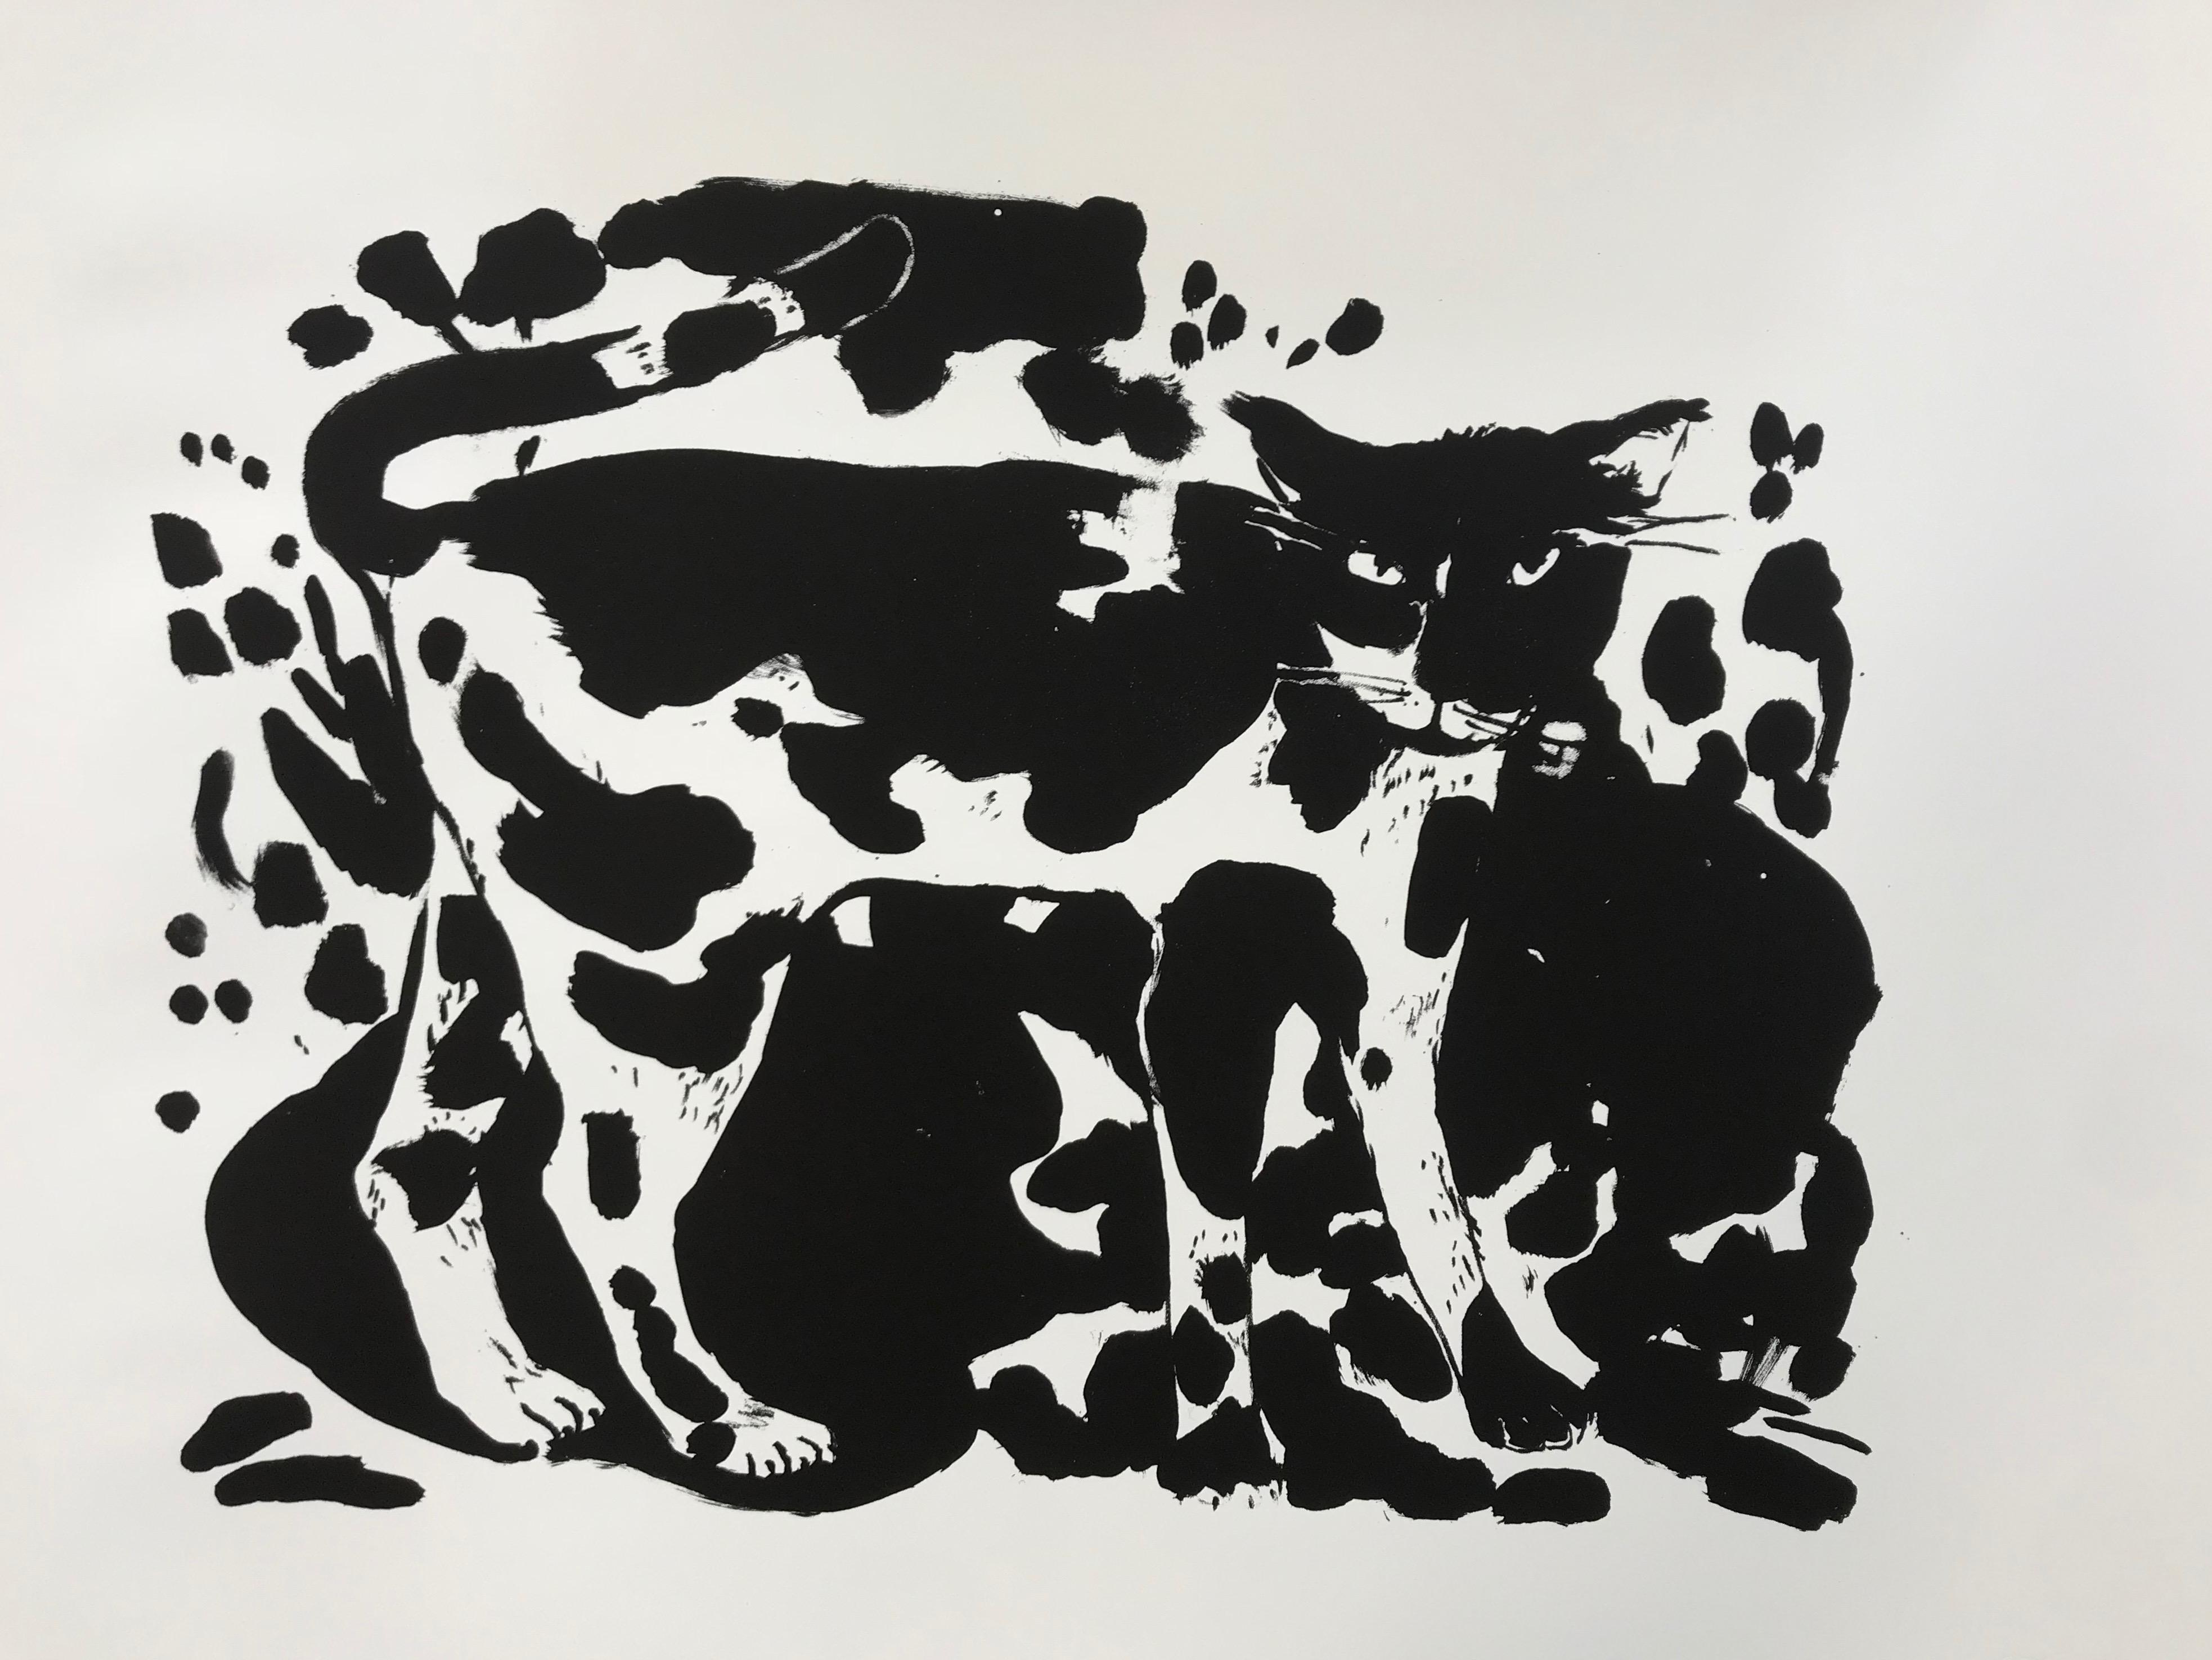 Le chat de la rue de la Glacière - 56 x 76 cm